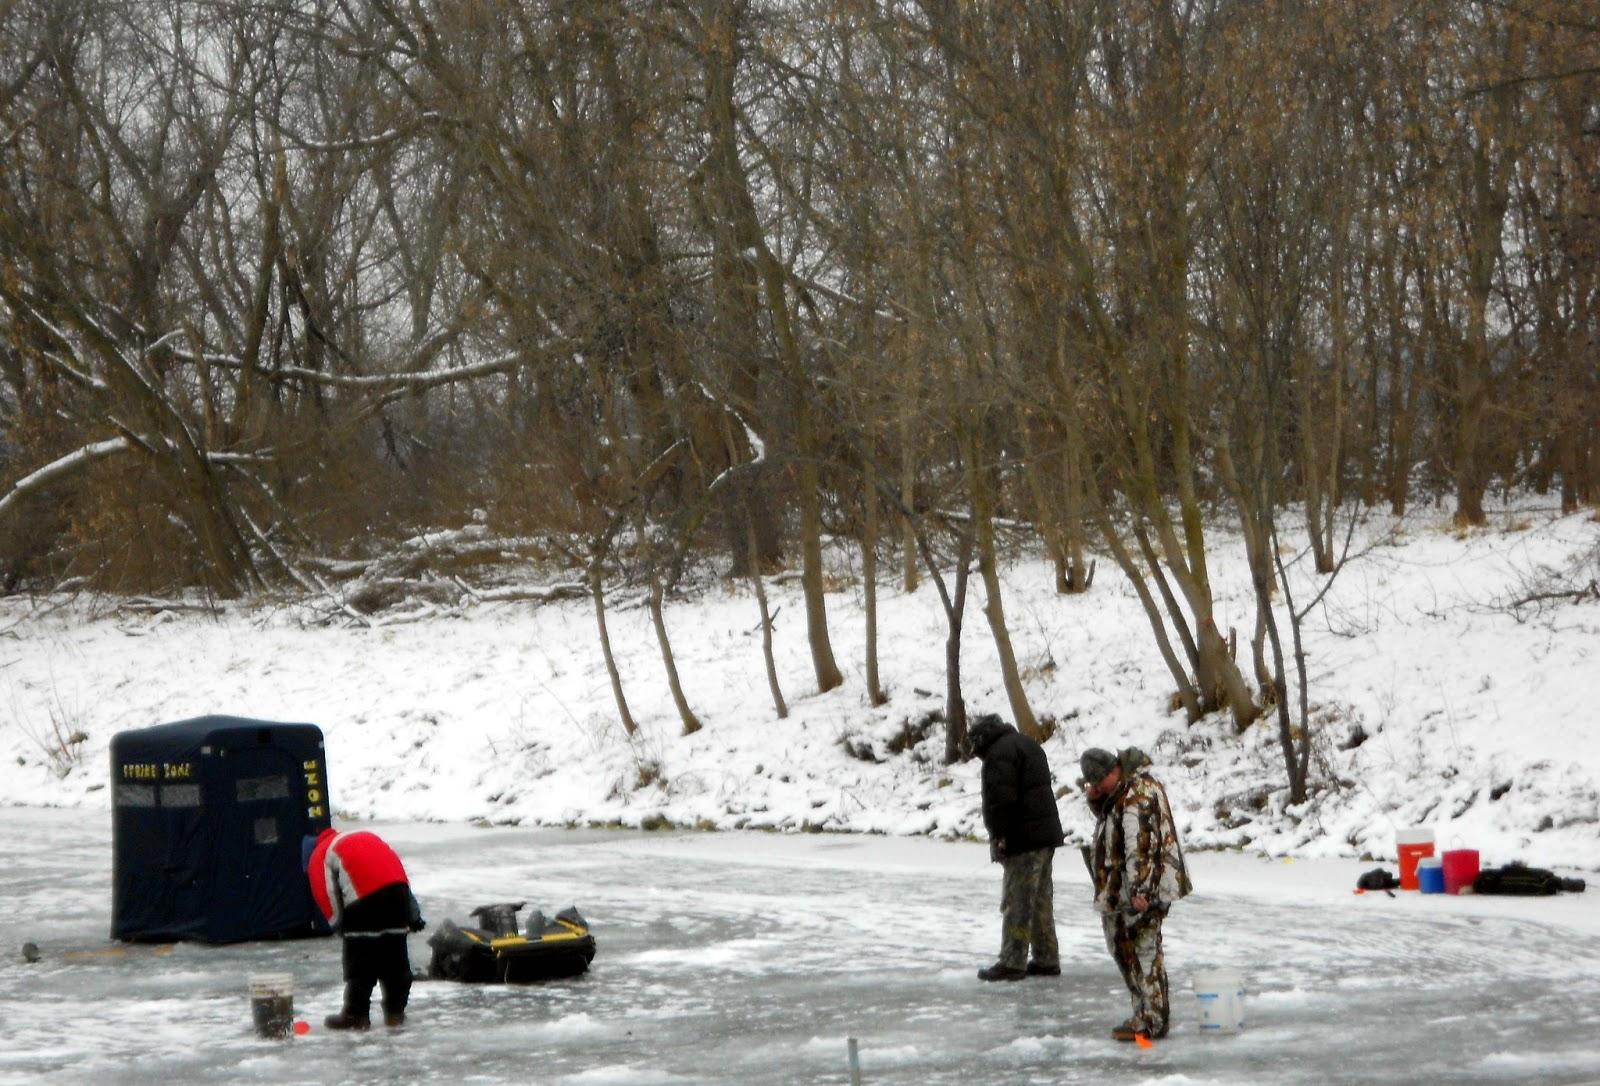 Delavan lake property delavan lake ice fishing in full swing for Lake delavan fishing